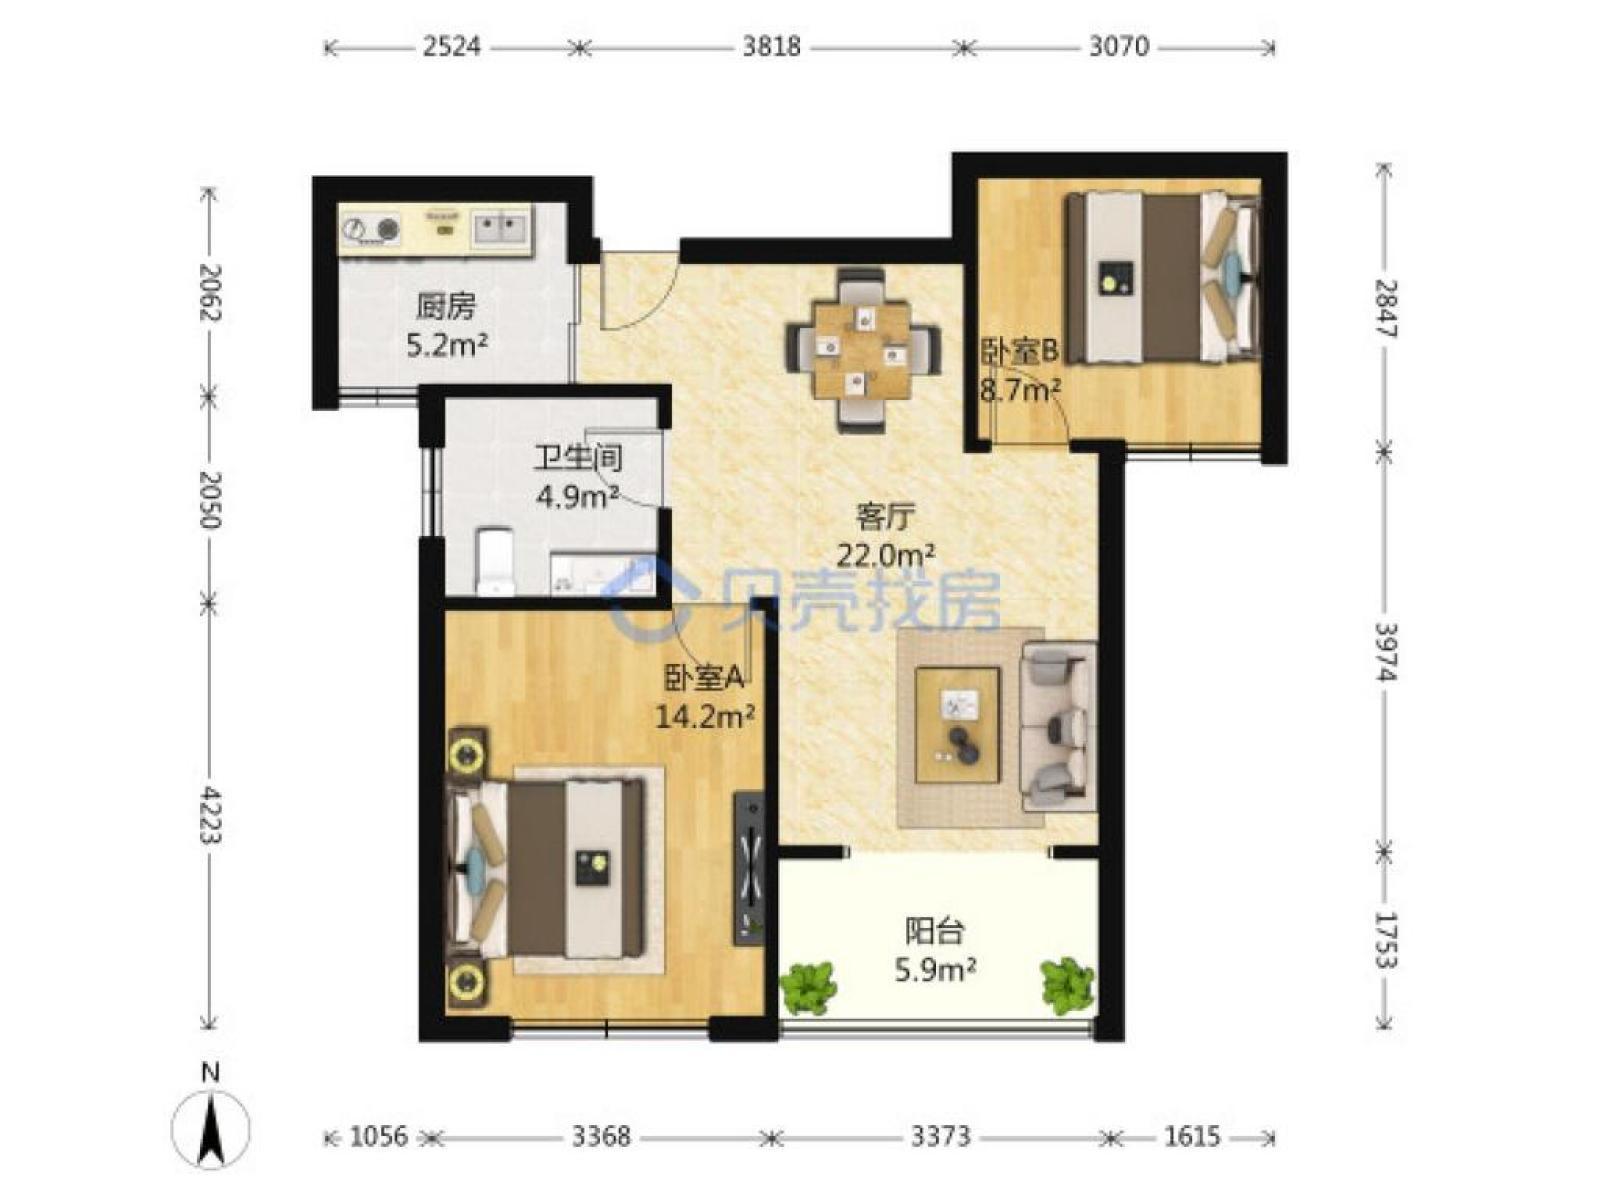 江宁区东山街道世纪东山花园2室1厅户型图